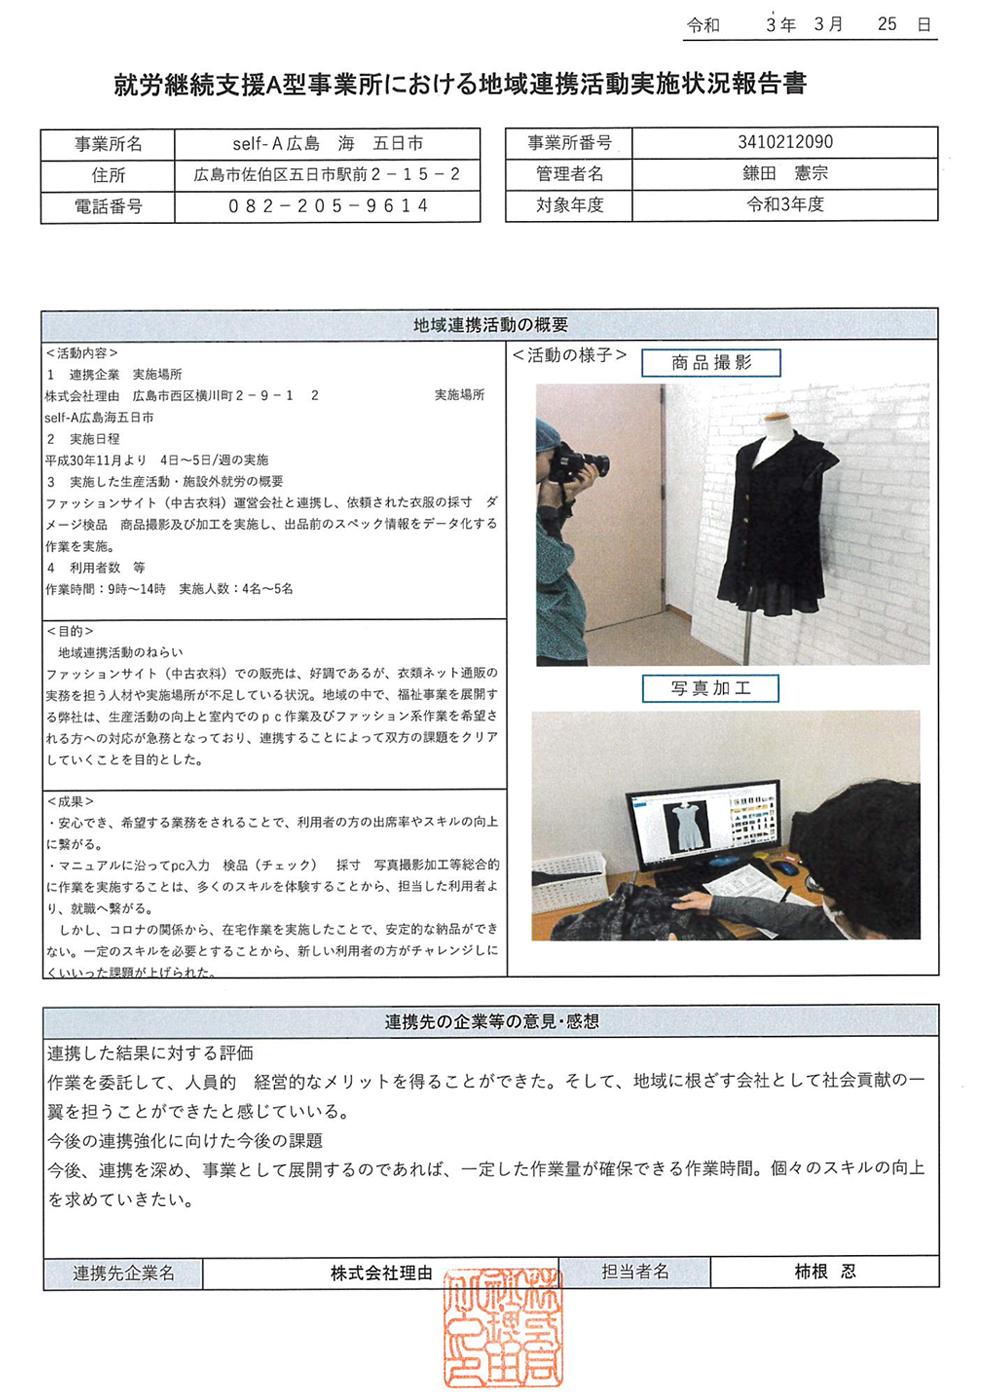 評価内容公表(五日市)1